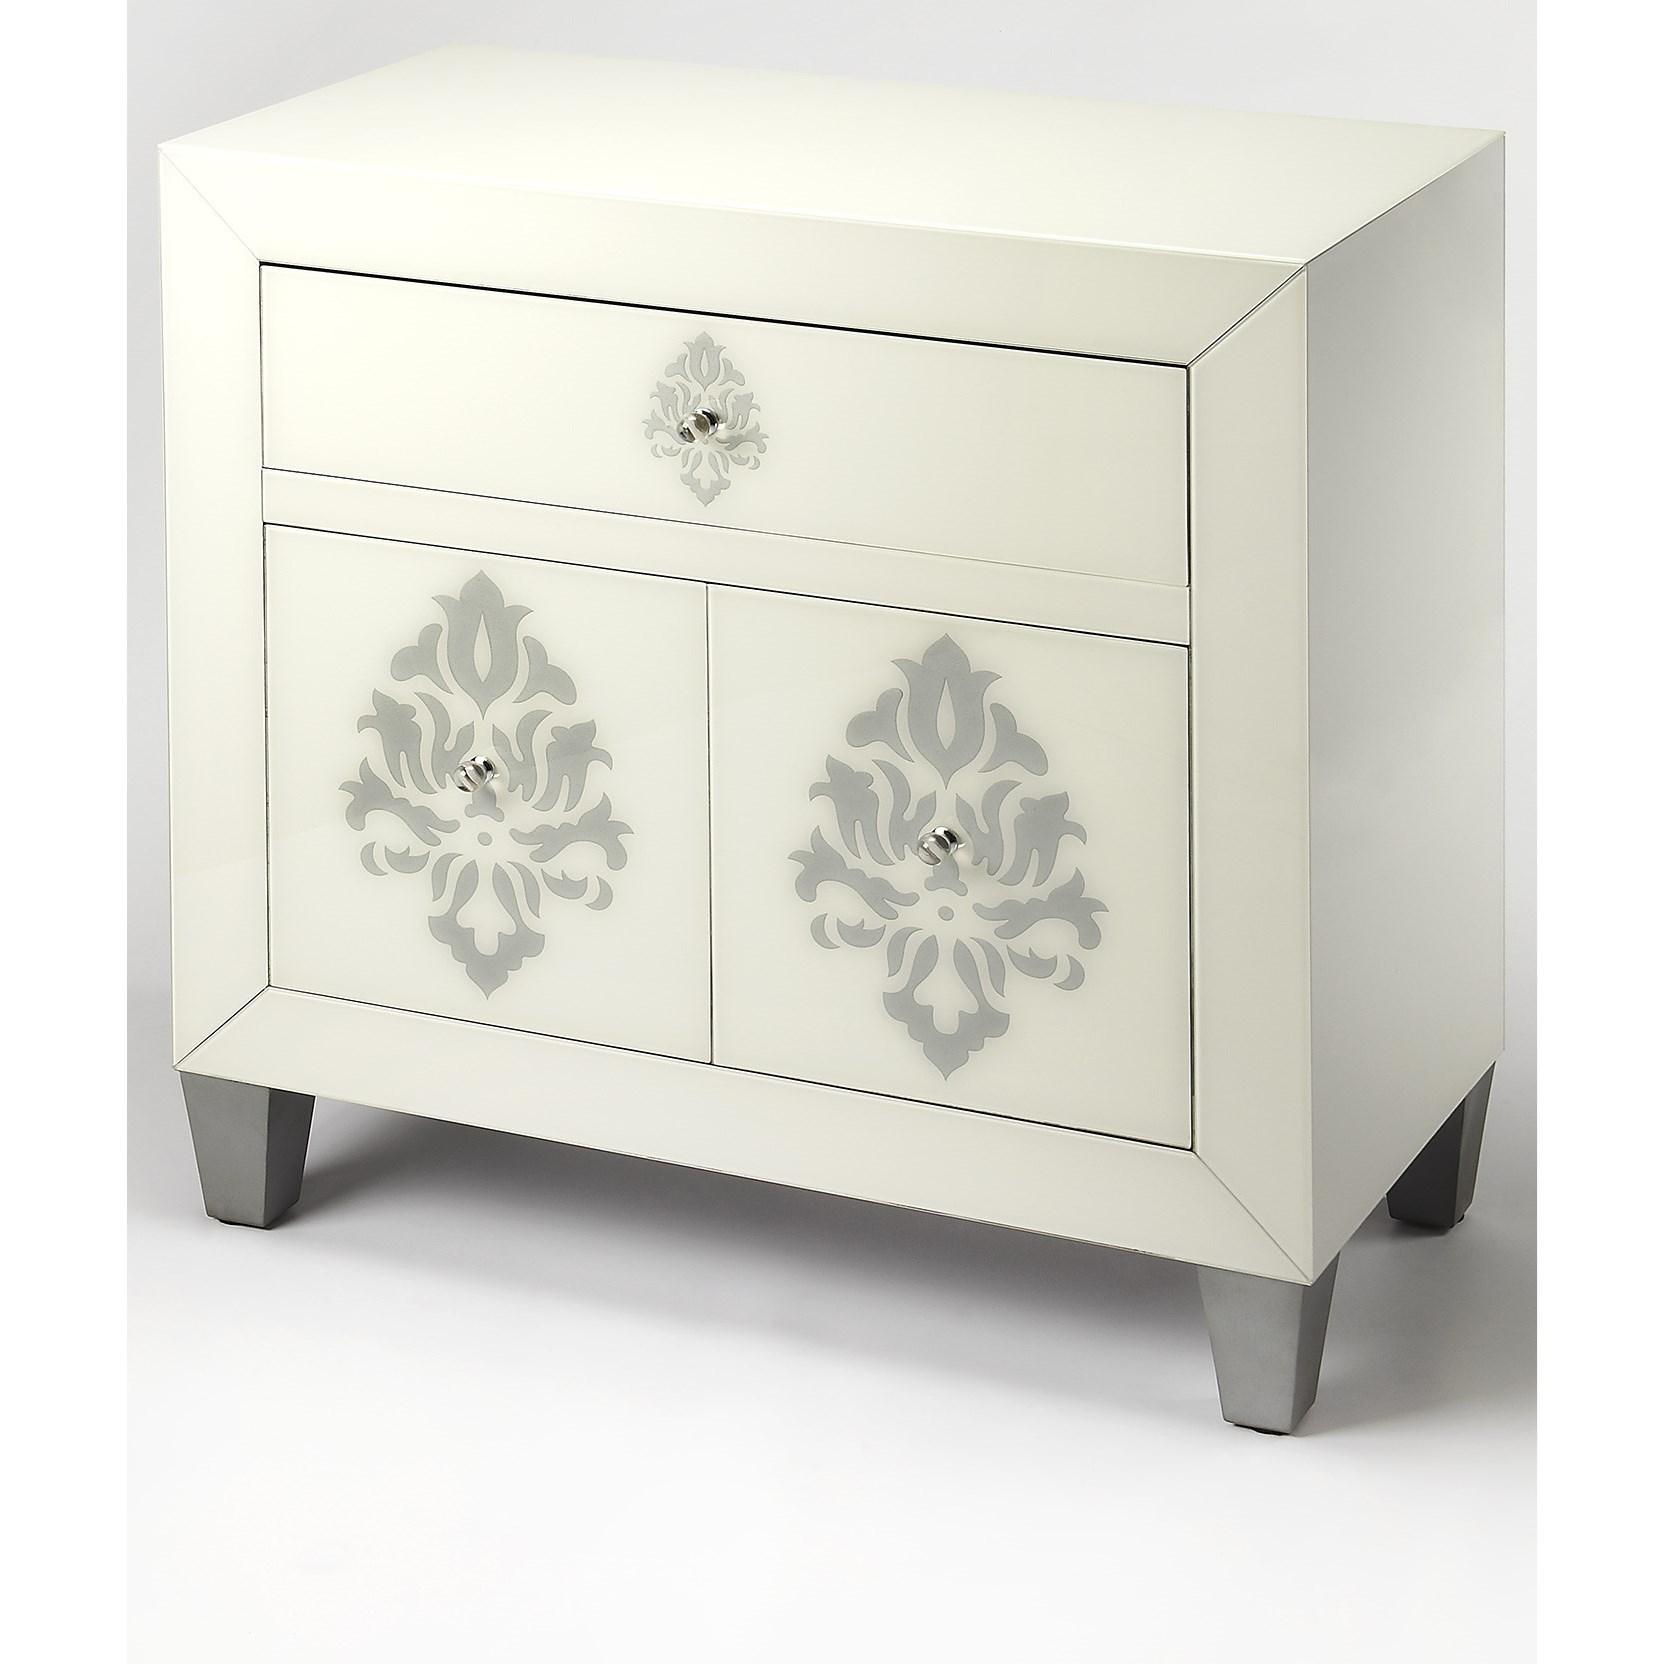 Butler Specialty Company Cosmopolitan 3 Door Cabinet - Item Number: 9206343